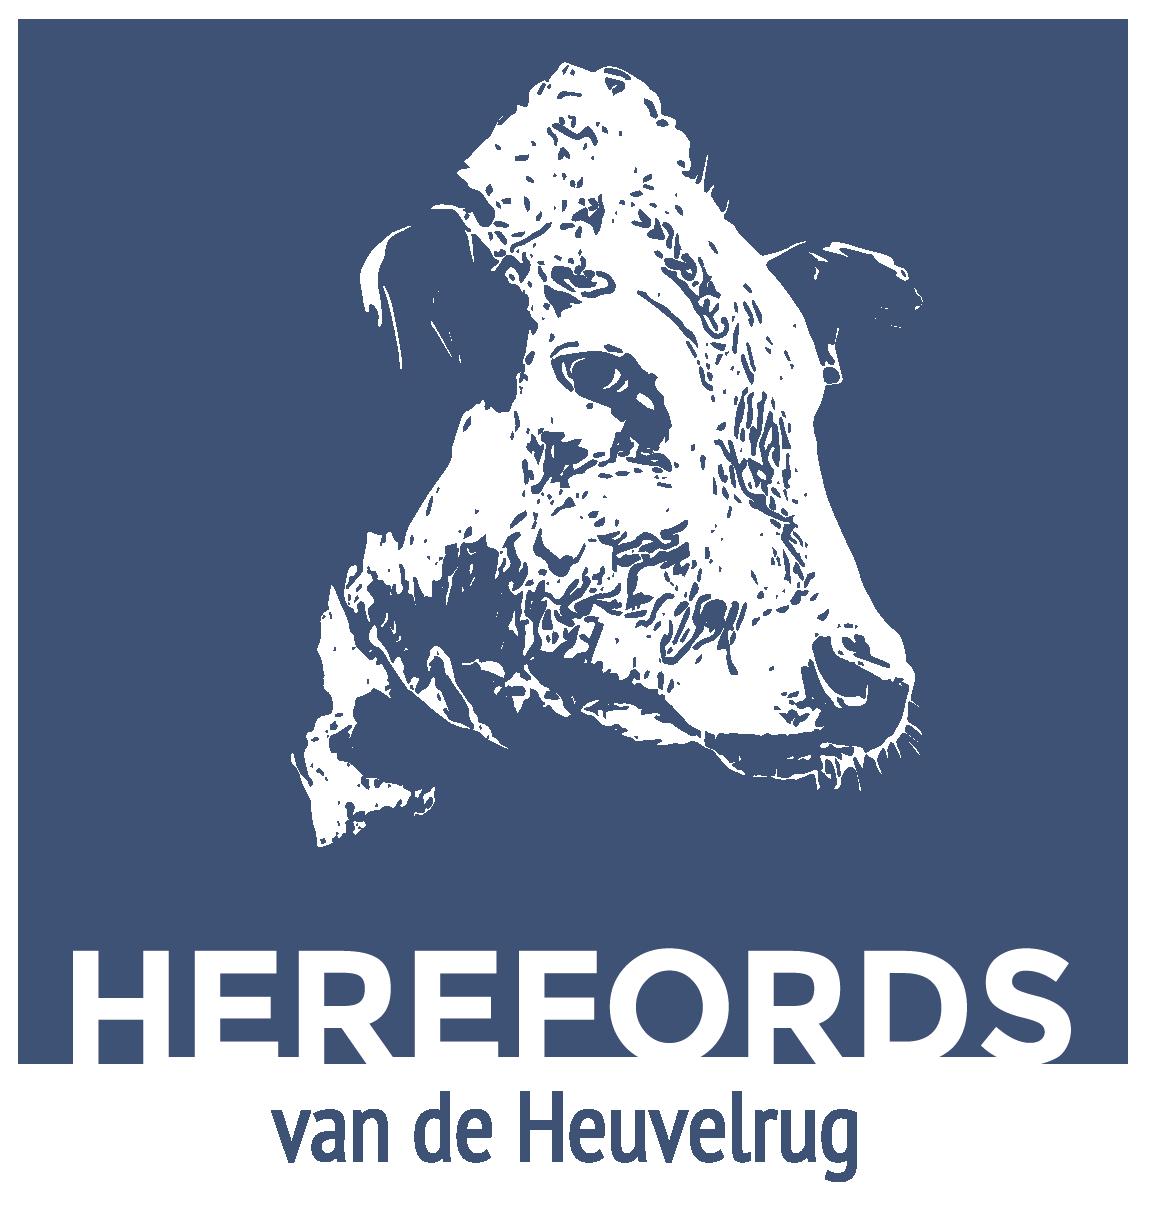 Herefords van de Heuvelrug